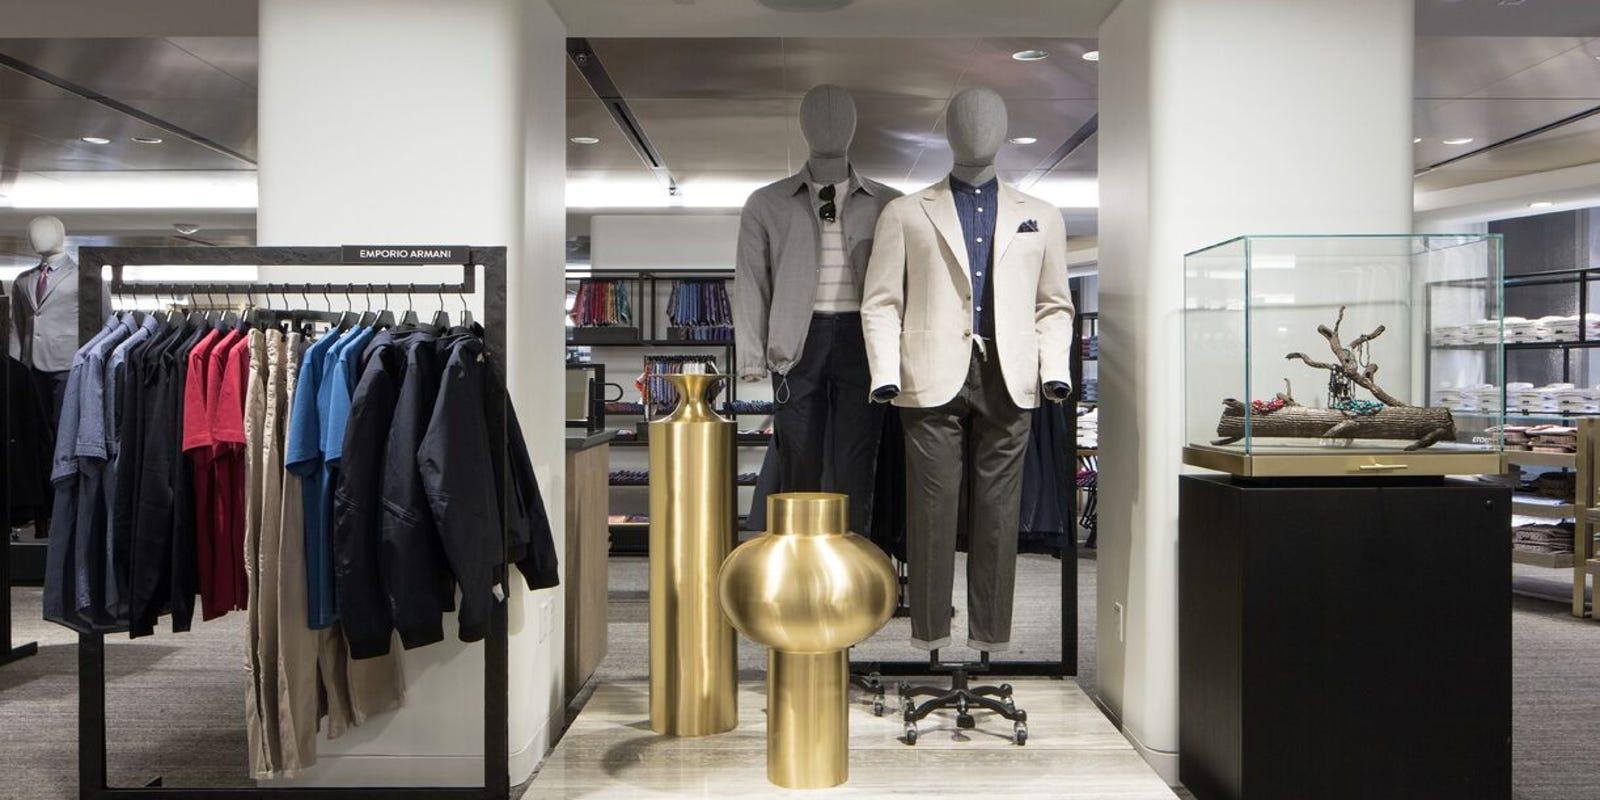 cf7c5904c56 Nordstrom opens first men s store